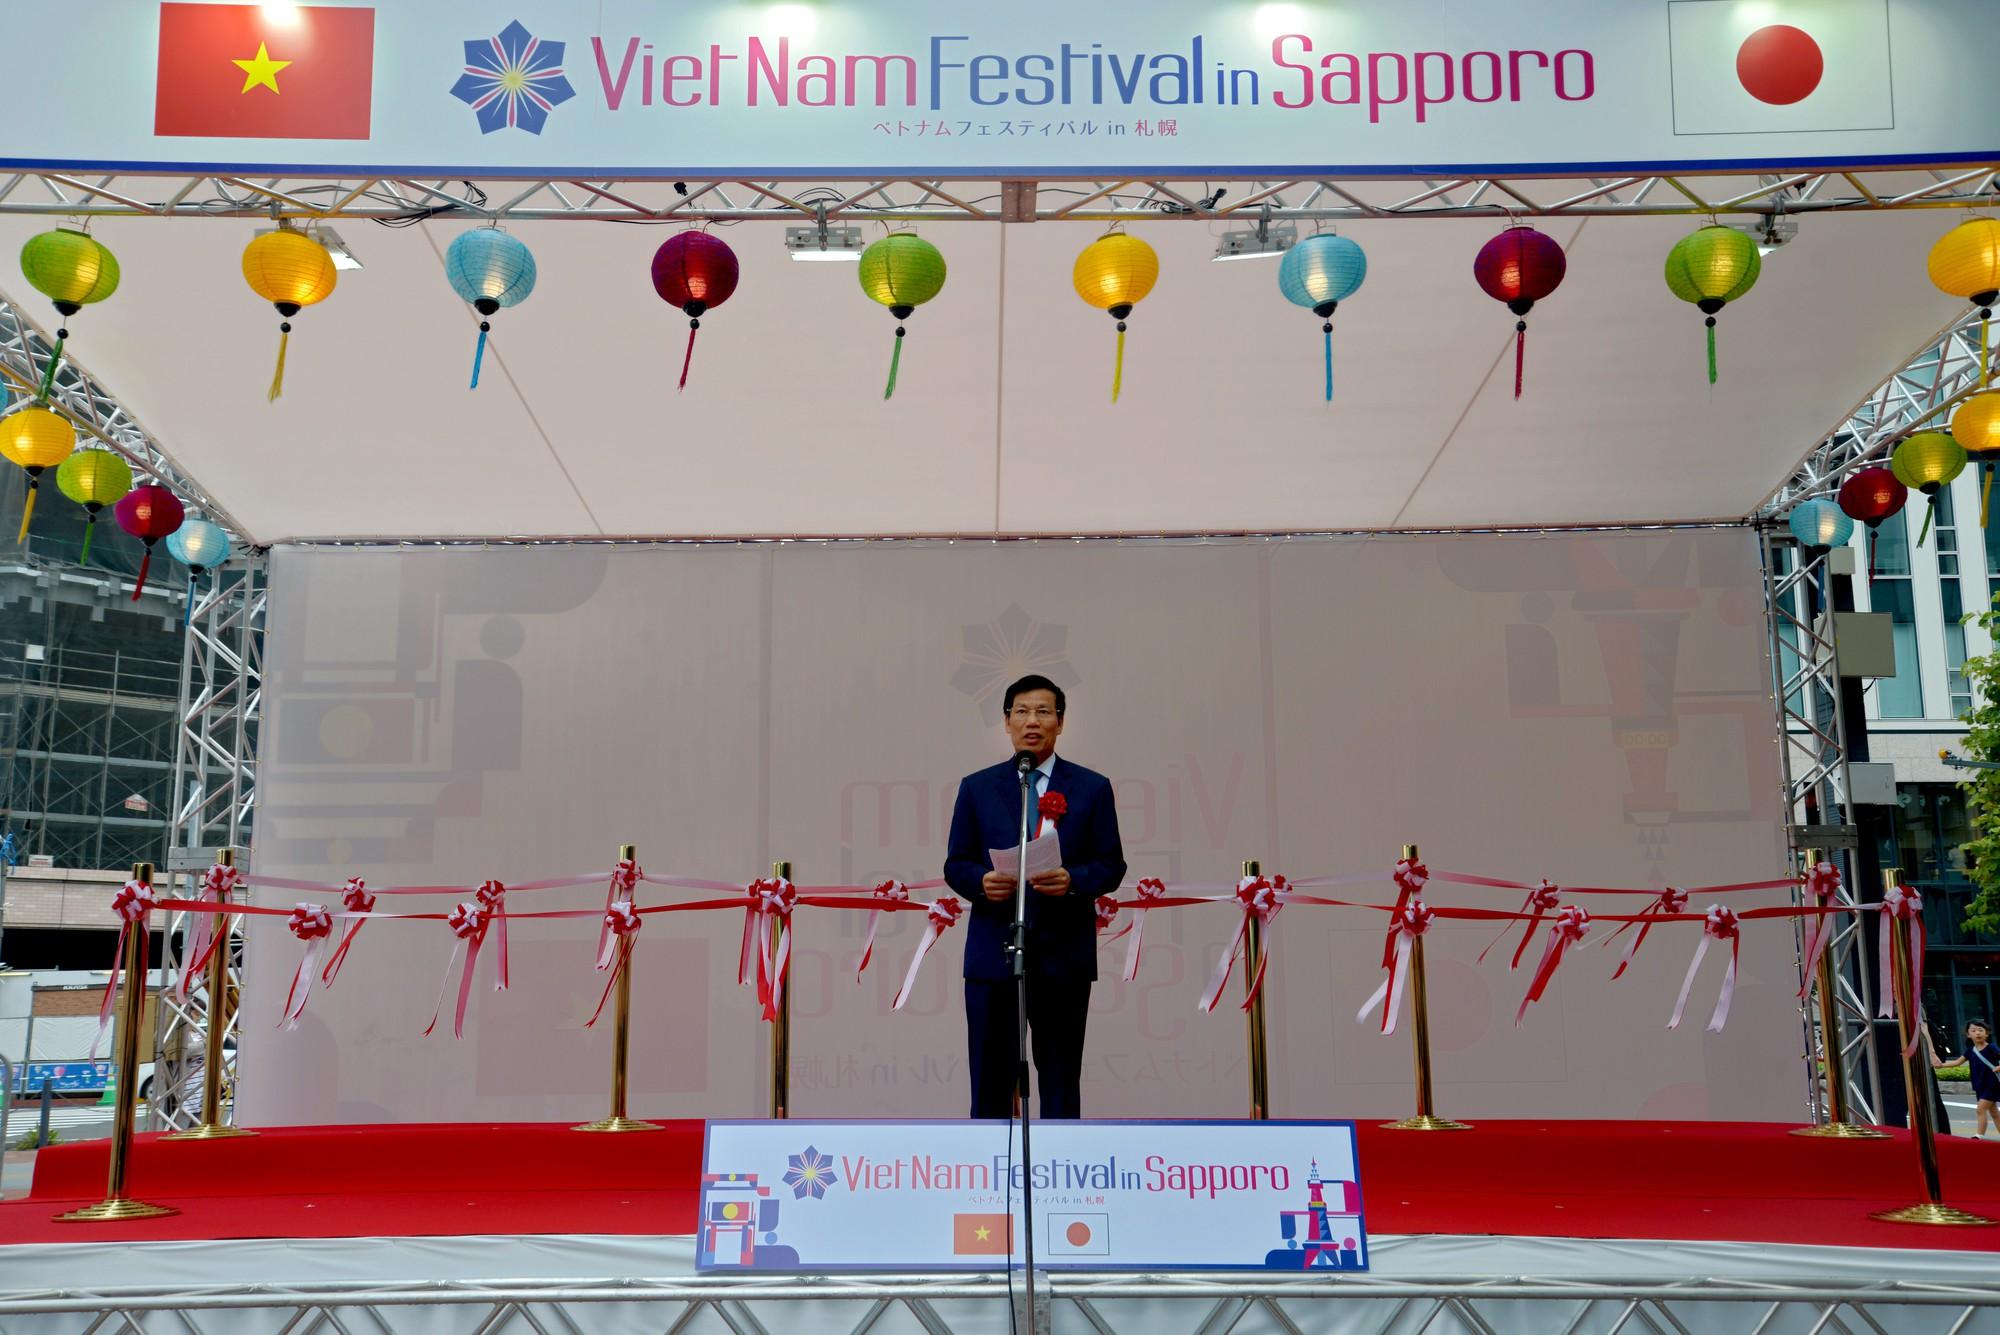 Lễ hội Việt Nam tại Sapporo năm 2019 lần thứ nhất - Ảnh 1.